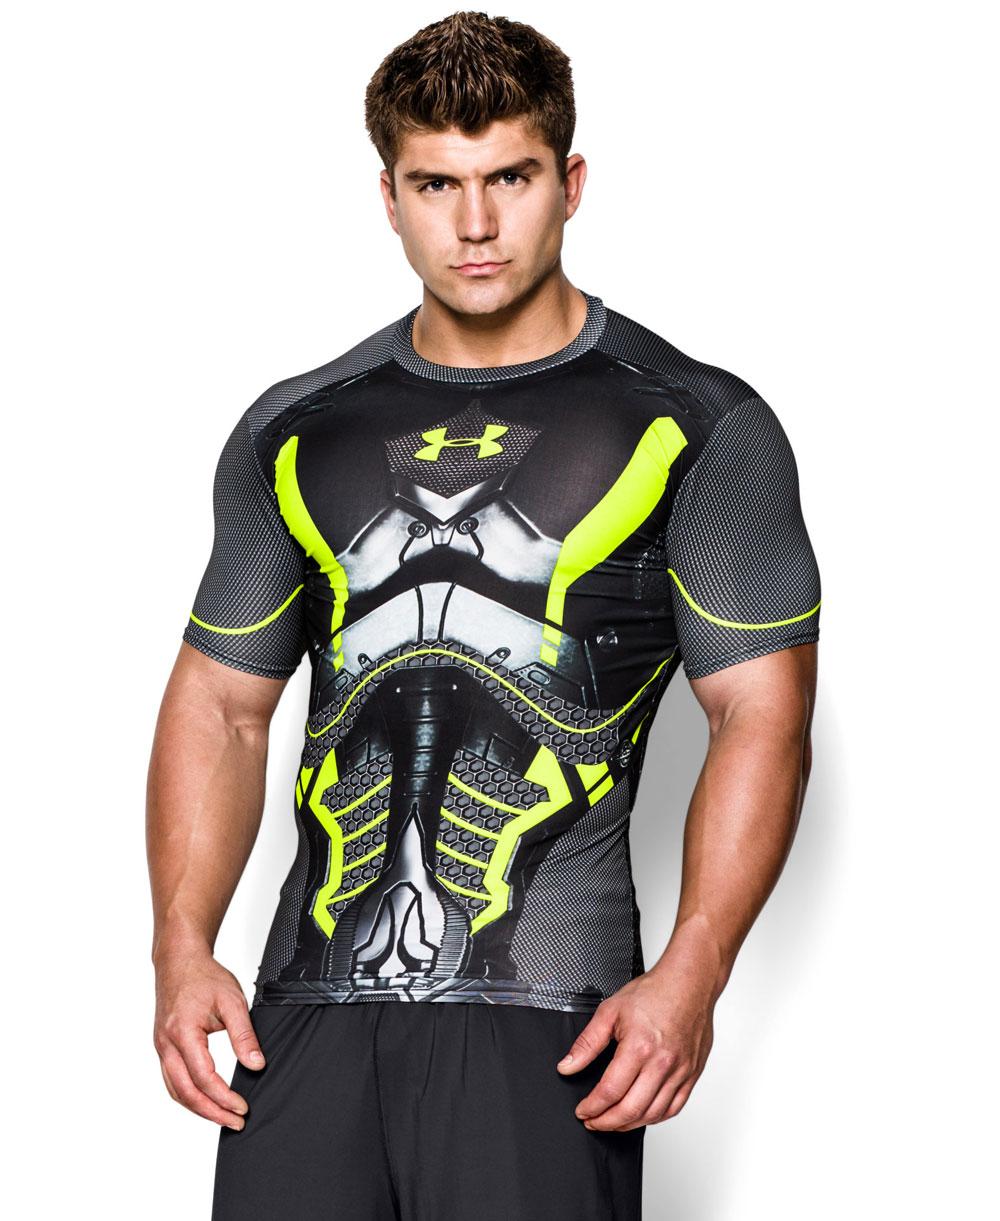 Alter Ego Camiseta de Compresión Manga Corta para Hombre Future Warrior Black 003